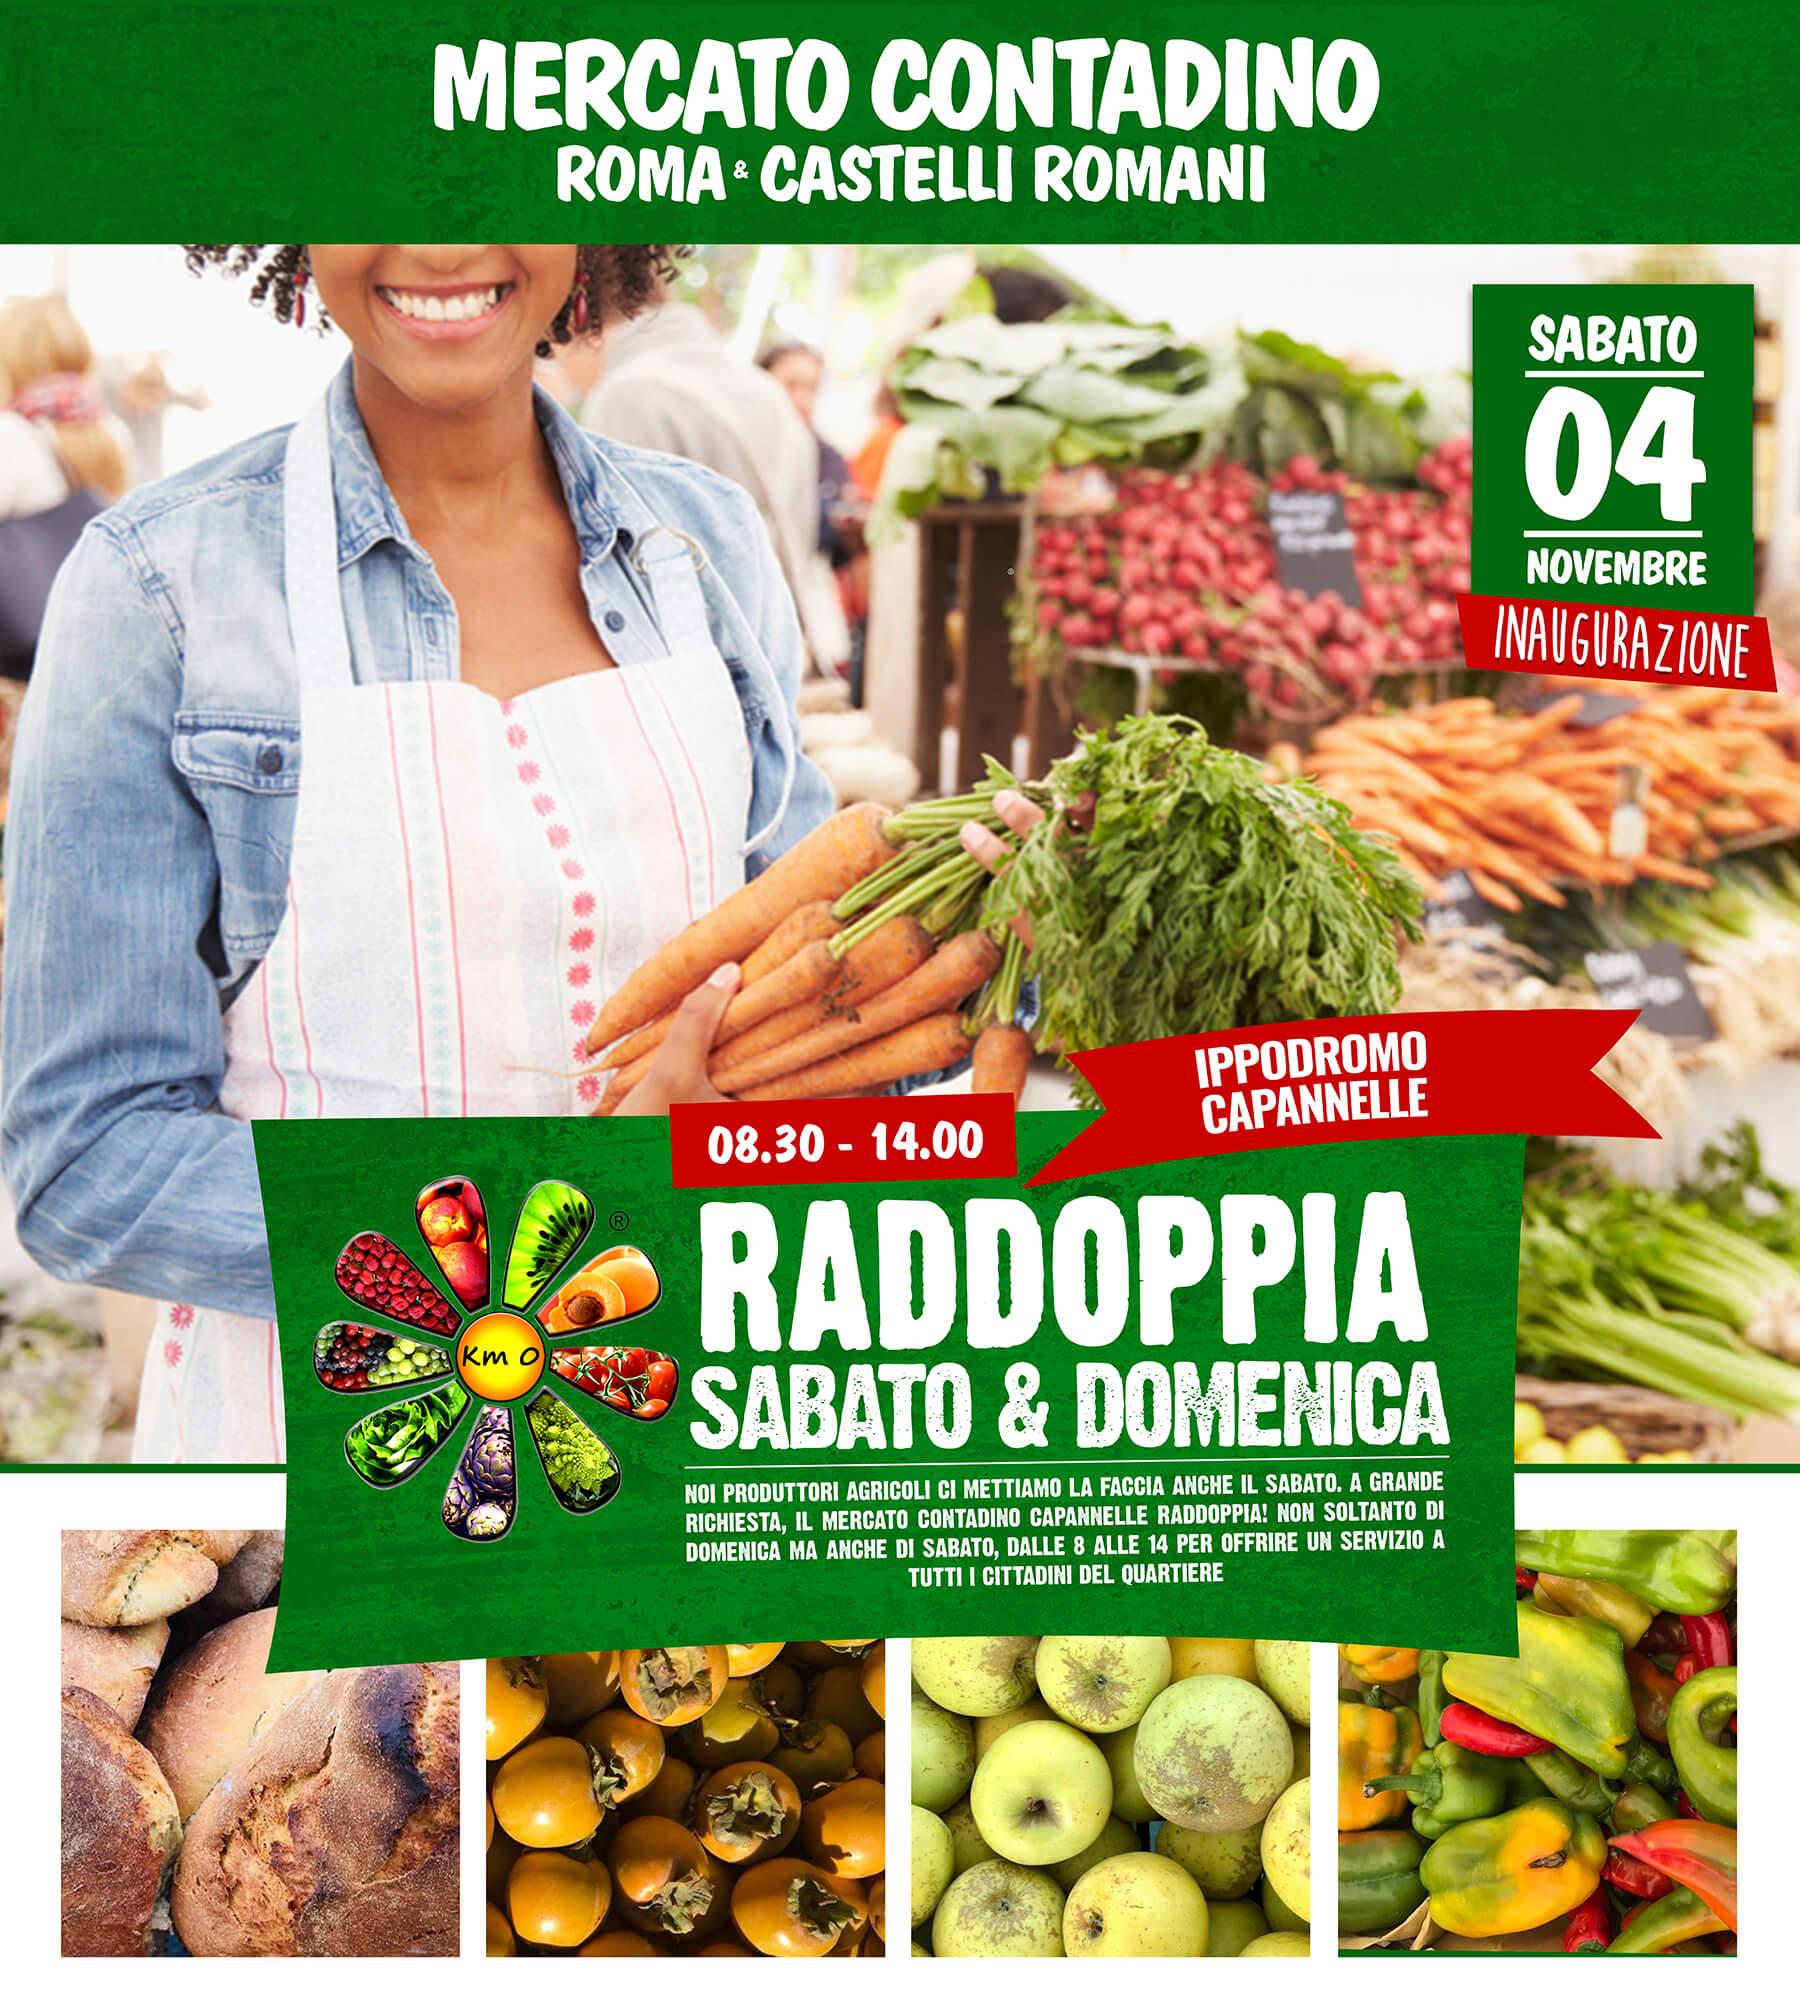 Il Mercato Contadino Roma Capannelle raddoppia! Anche di sabato!